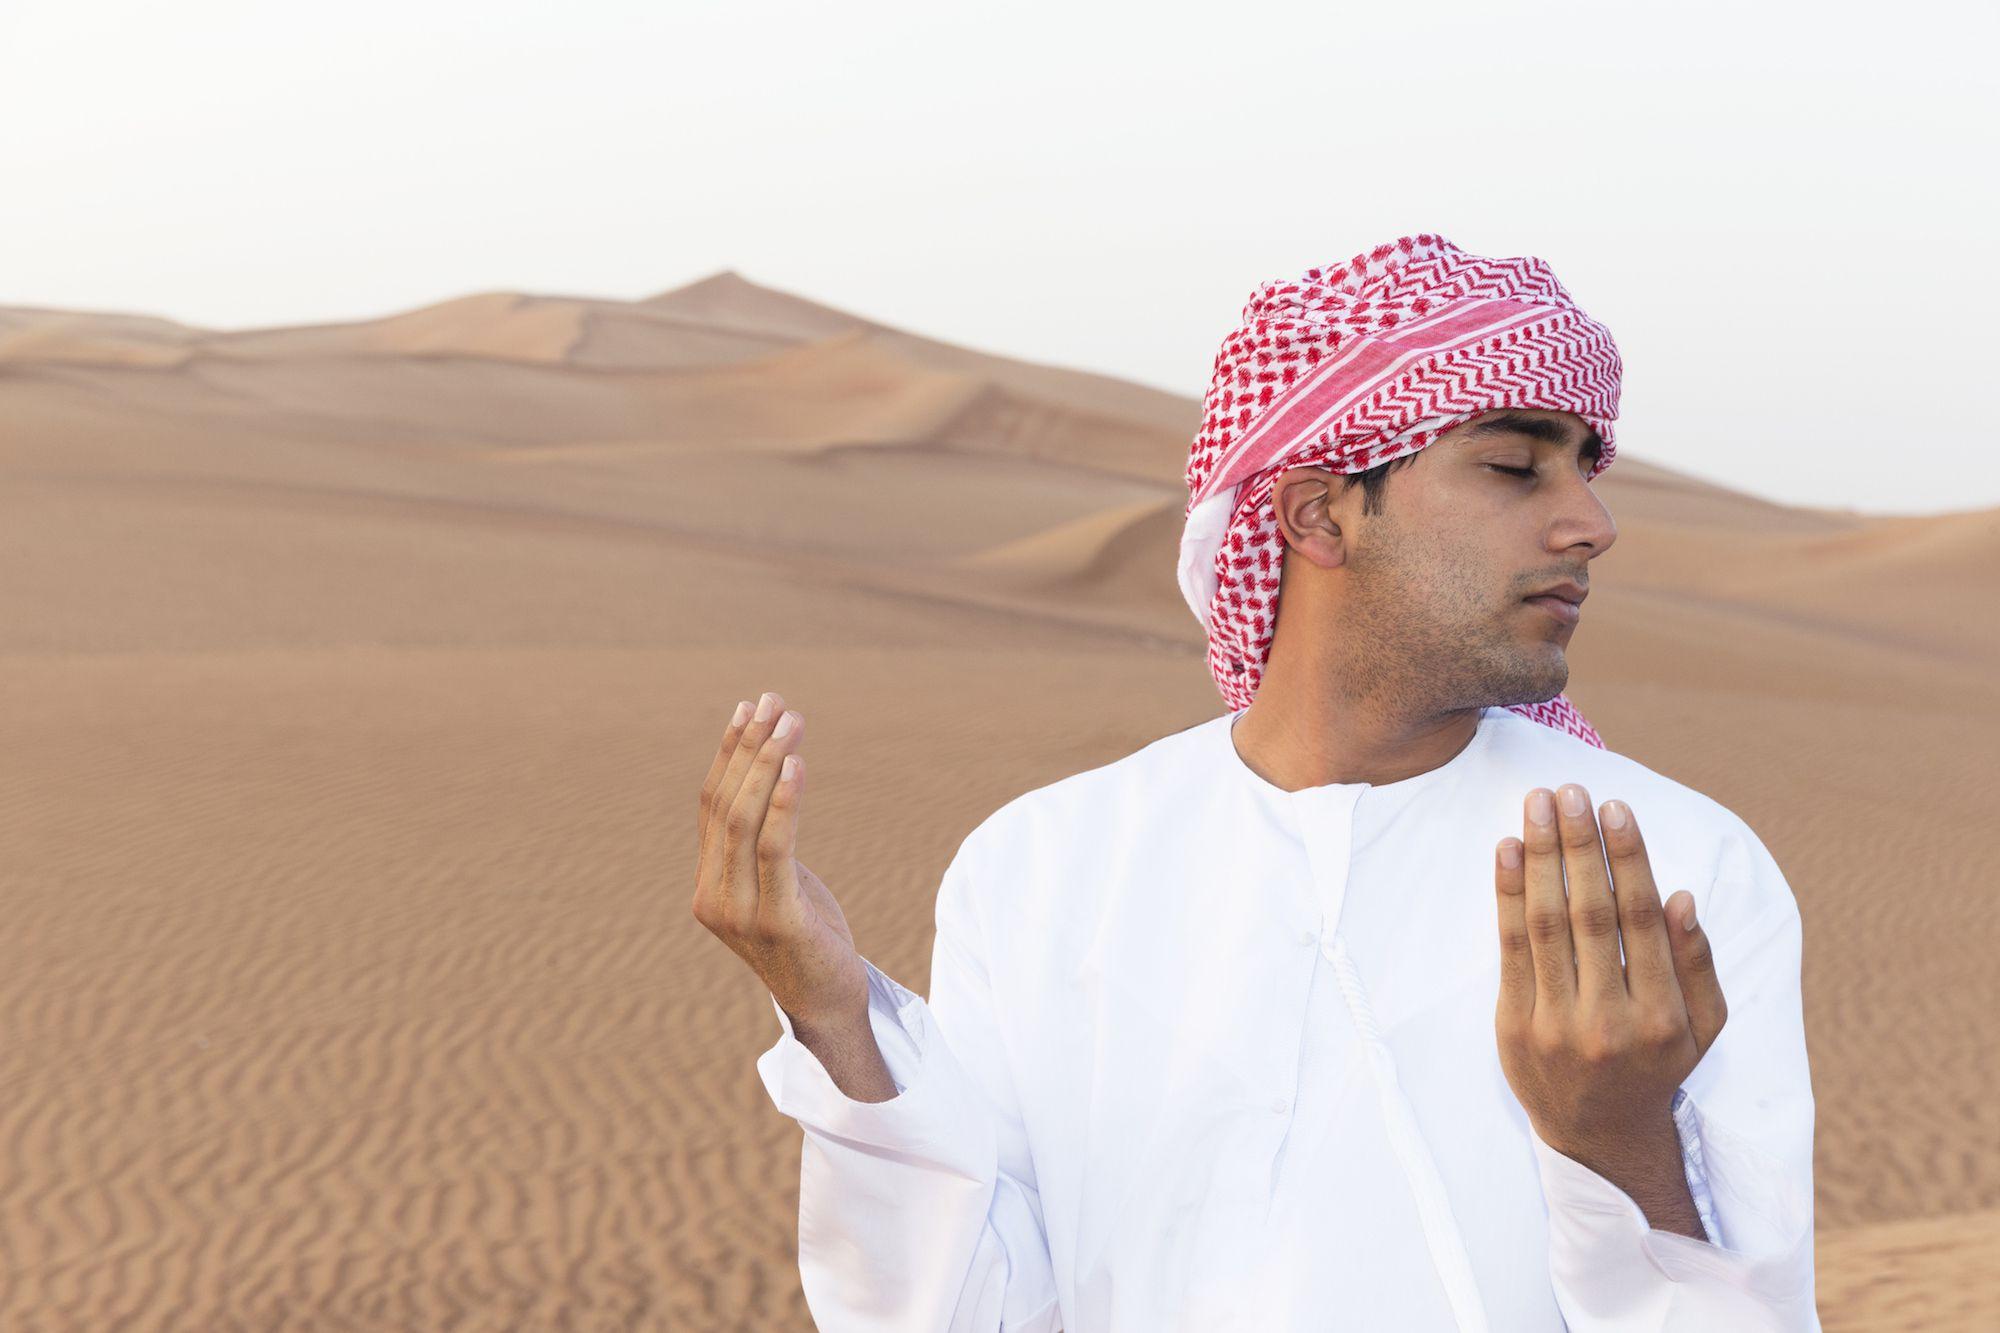 фото картинок с арабскими именами представлено